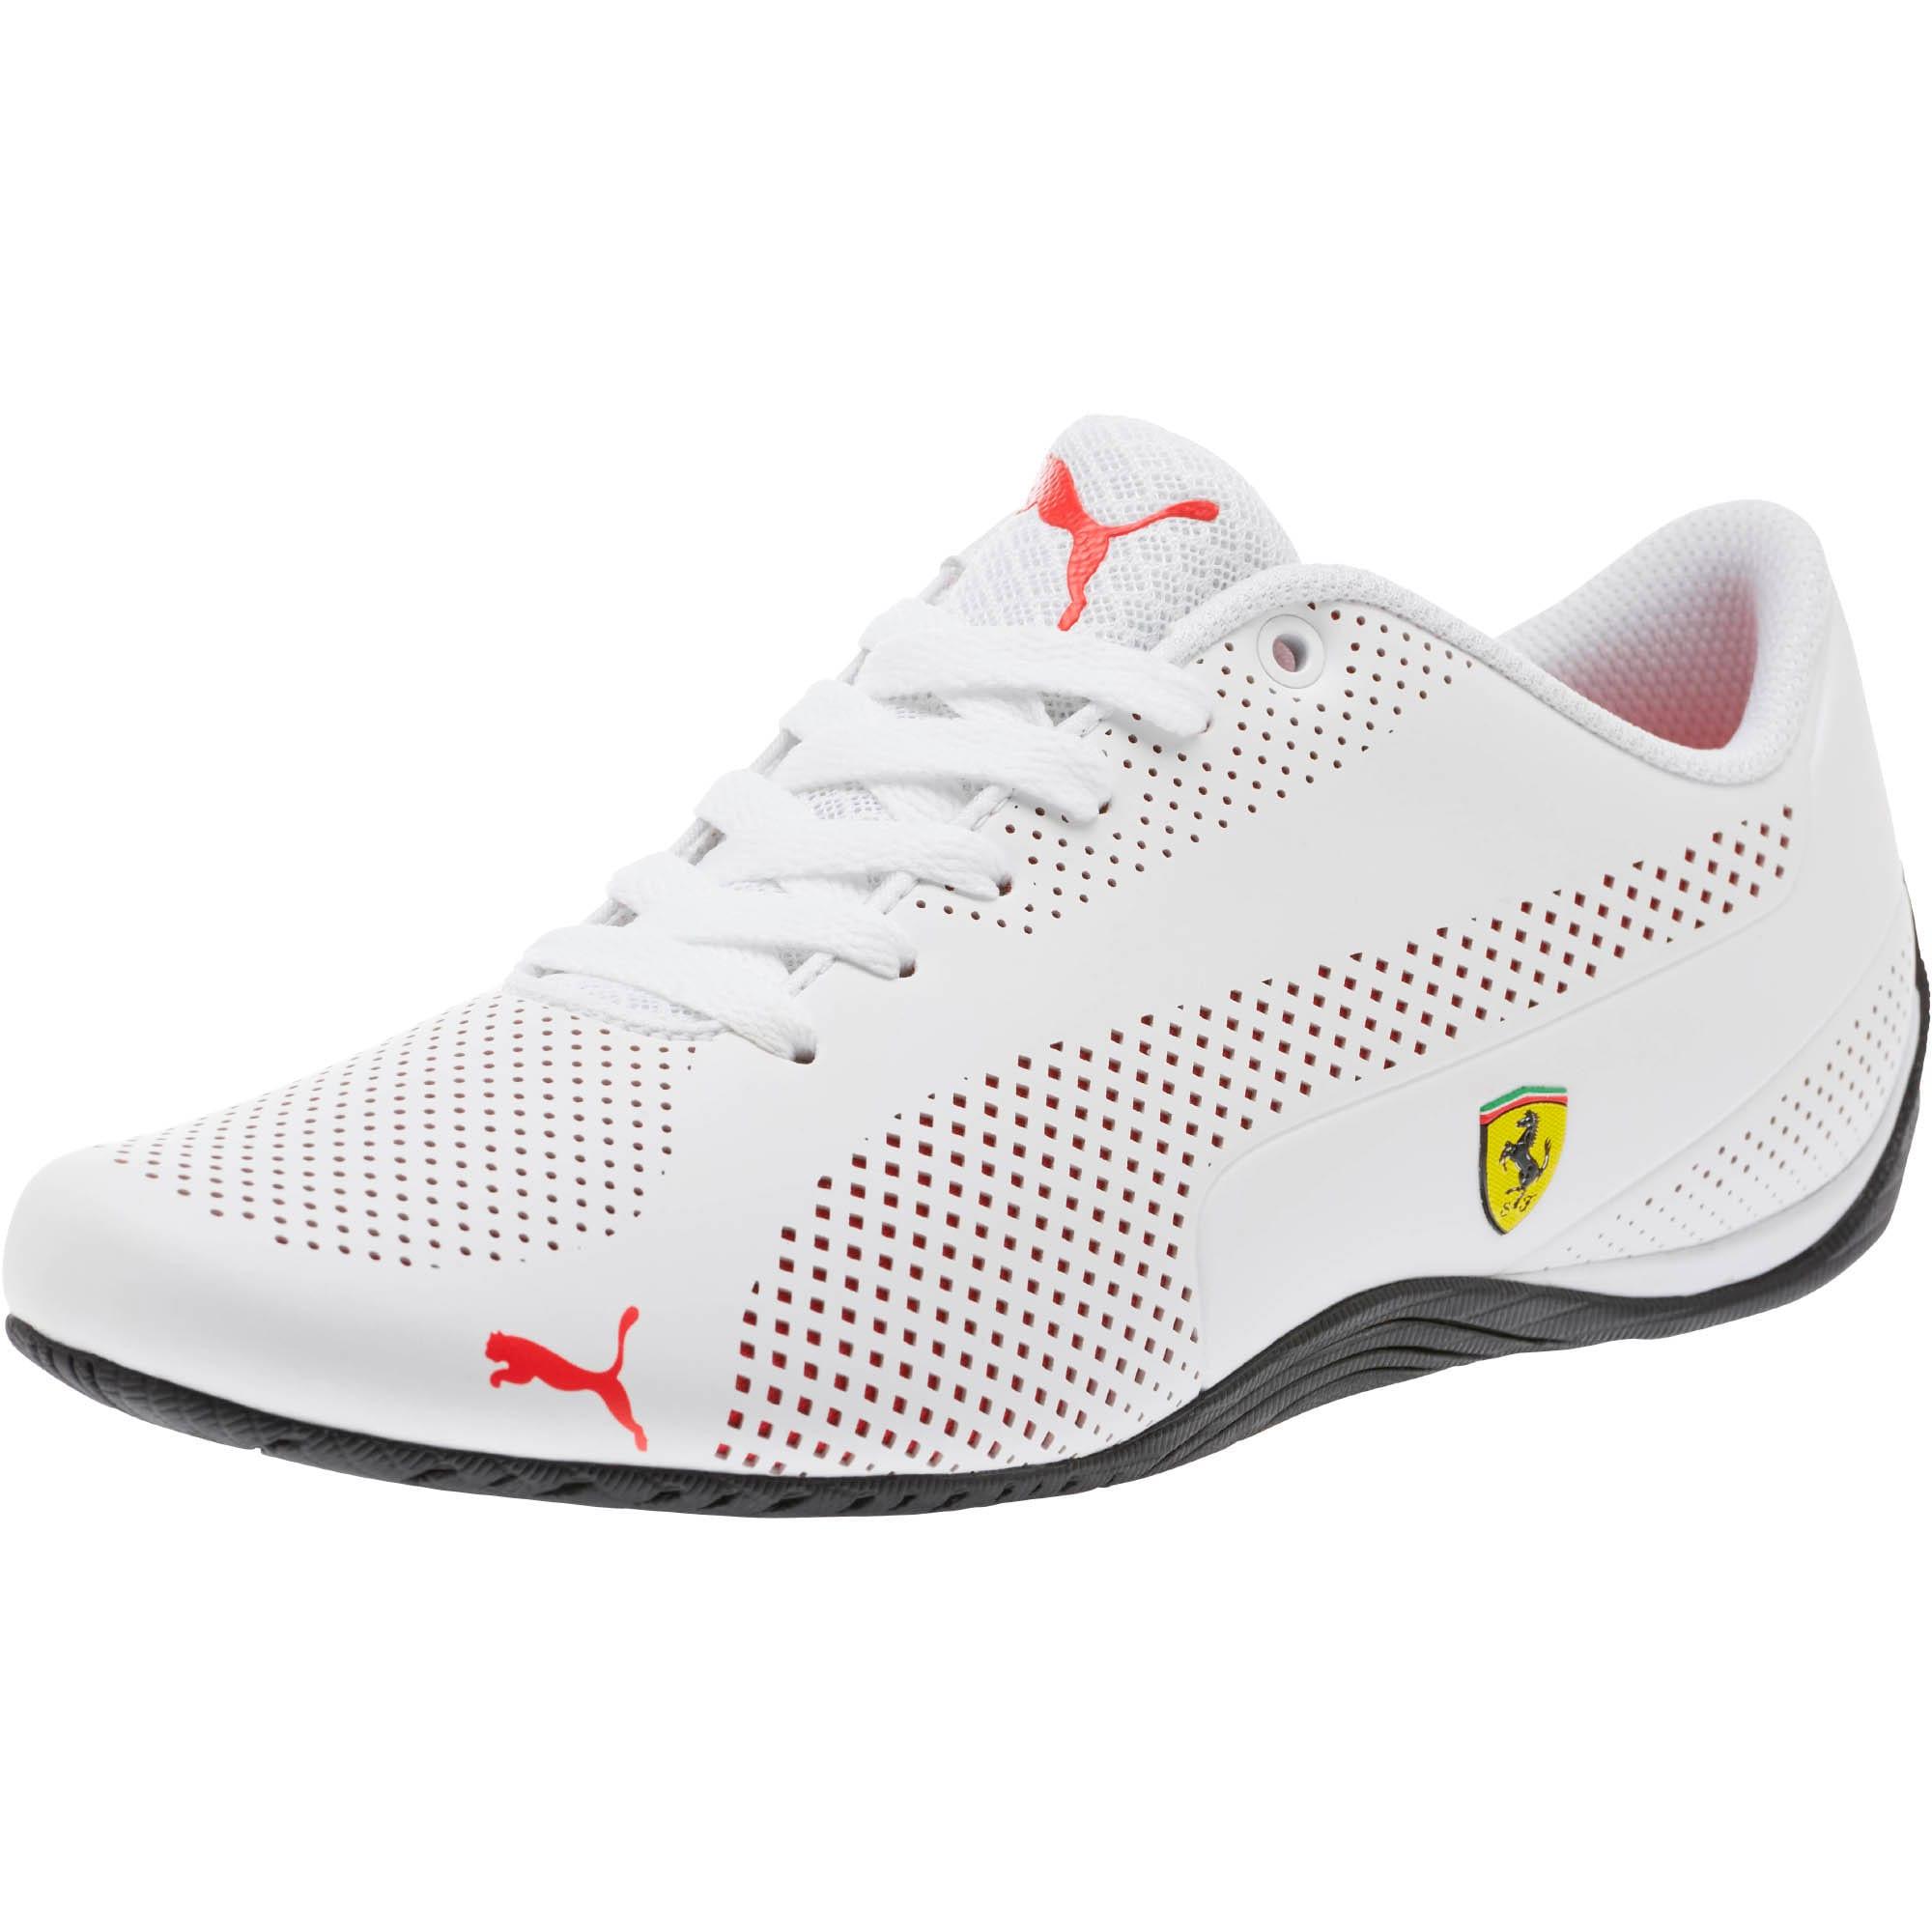 Puma Schuhe Herren Sale Ferrari Drift Cat 5 Ultra